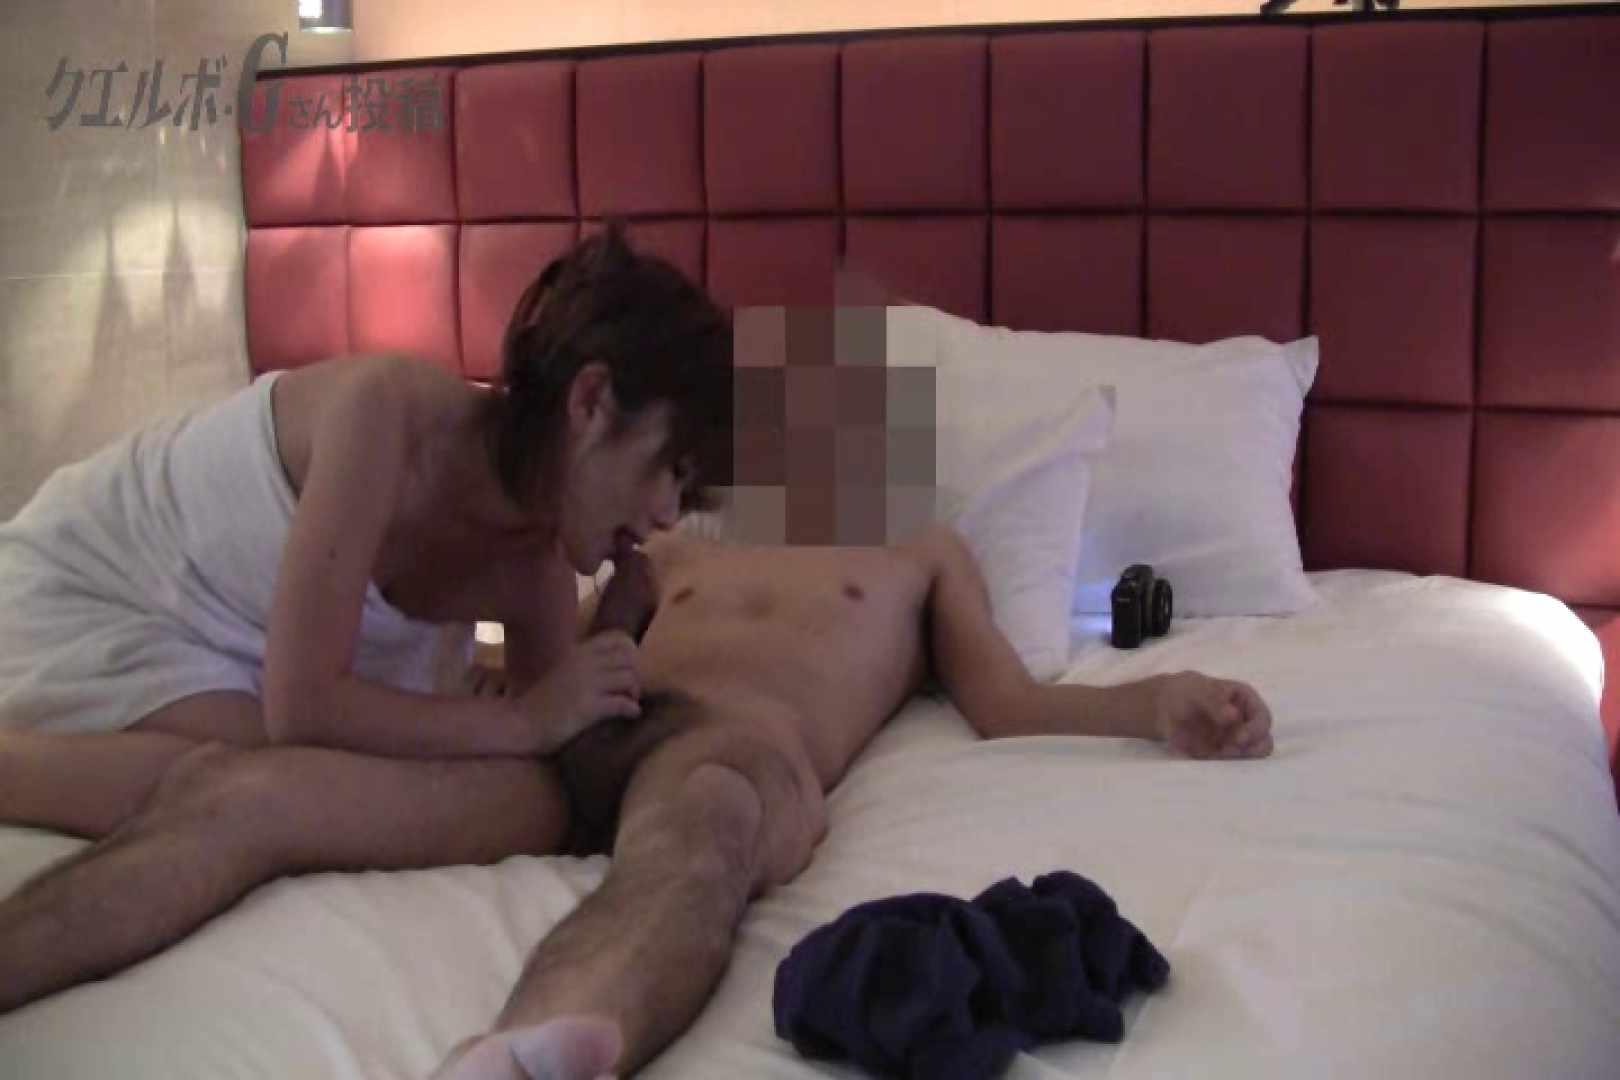 クエルボ・Gさん投稿 30歳人妻さんとの×××vol.4 一般投稿 オメコ動画キャプチャ 99pic 17